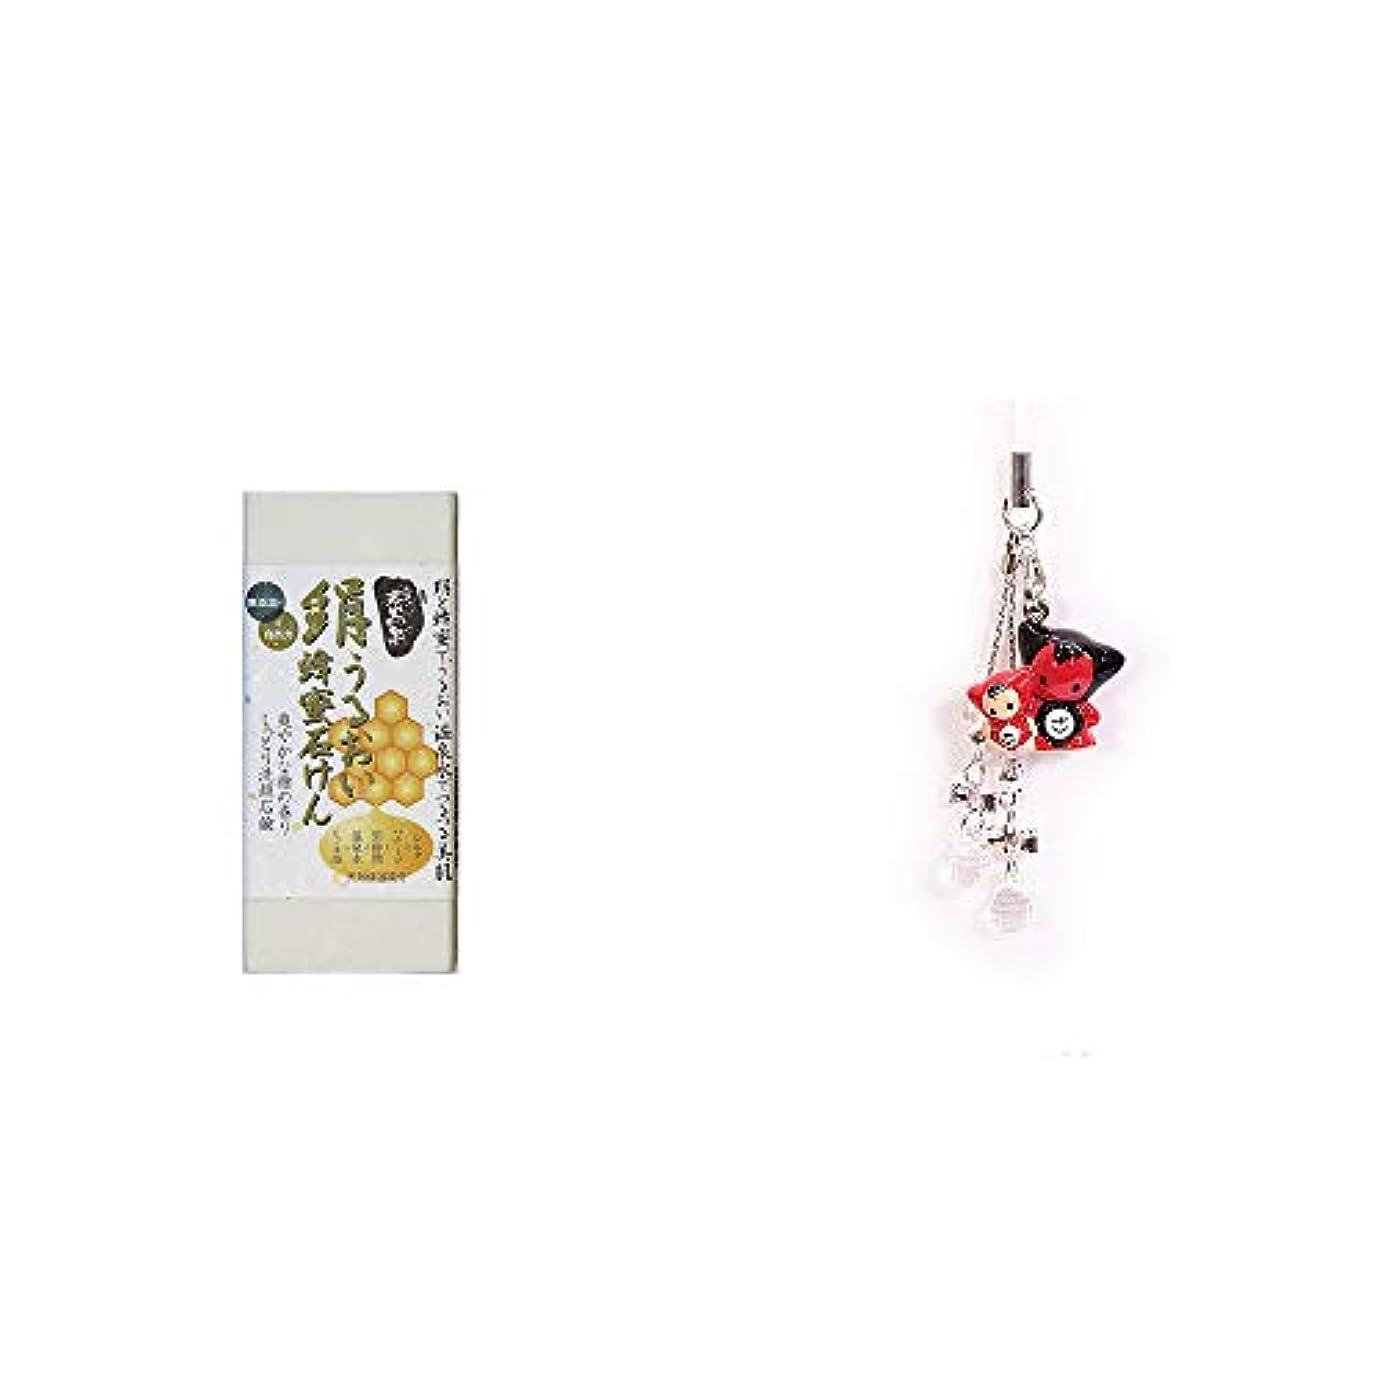 評価するキャプション海峡[2点セット] ひのき炭黒泉 絹うるおい蜂蜜石けん(75g×2)?さるぼぼペアビーズストラップ 【クリア】/縁結び?魔除け//